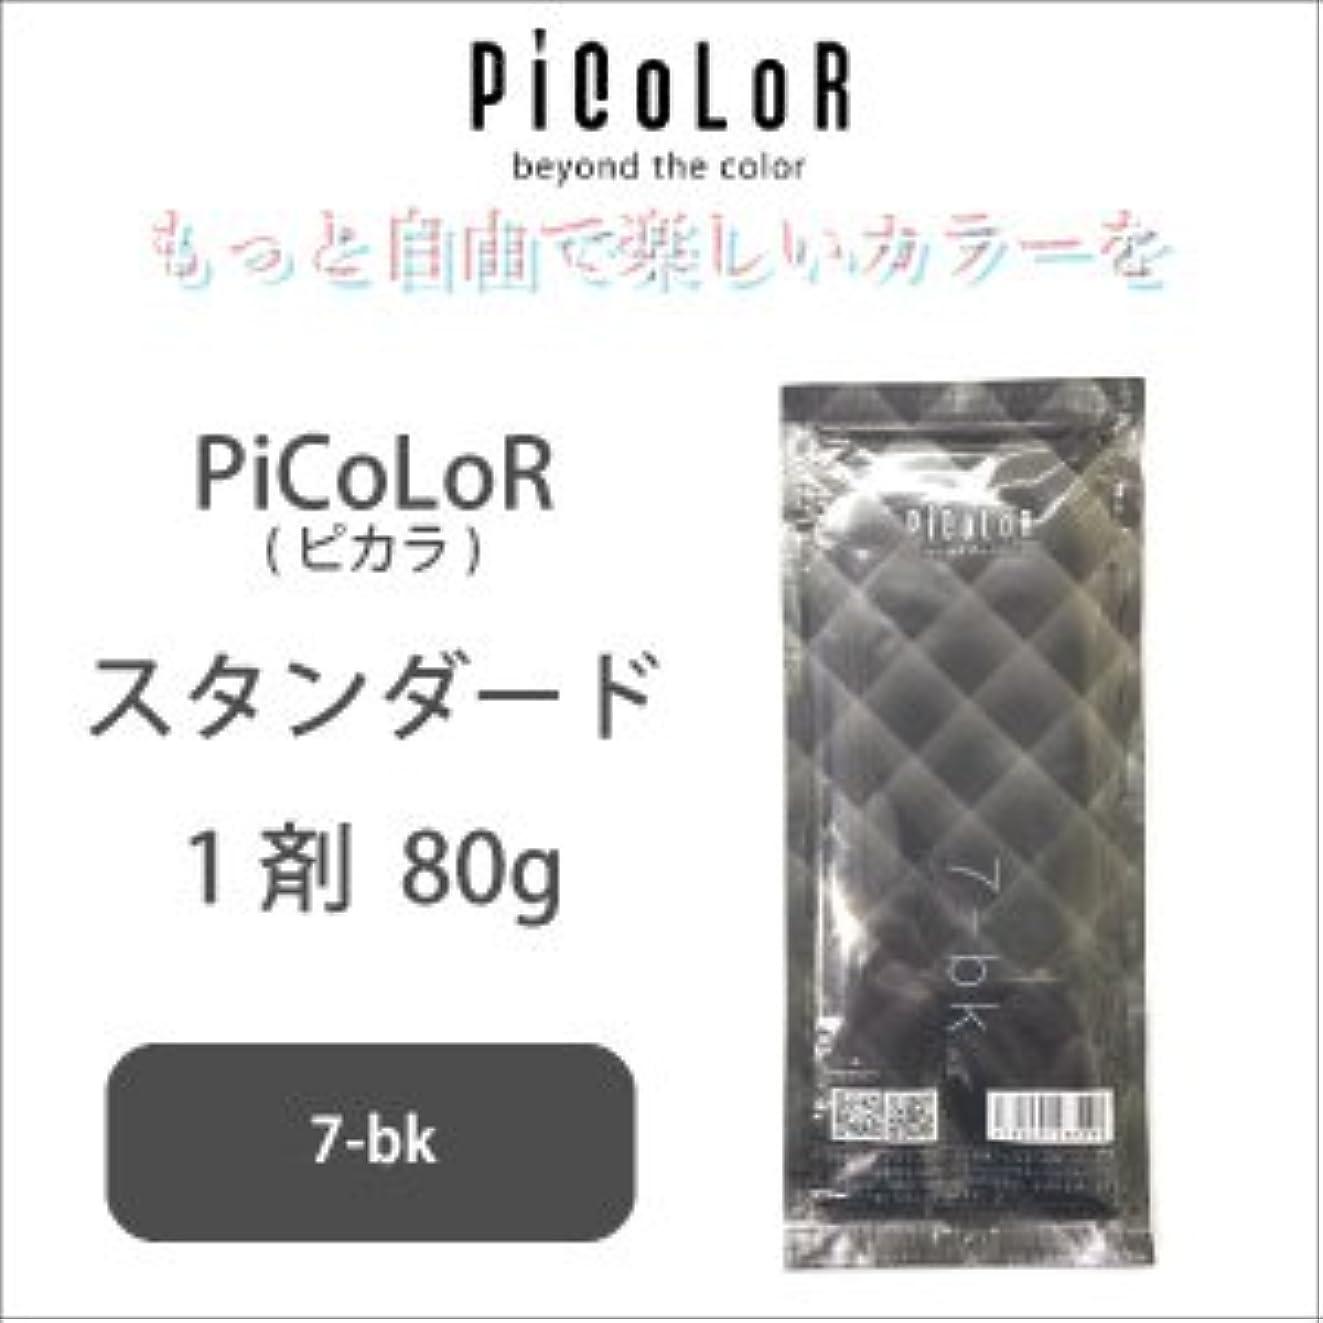 ムコタ ピカラ ヘアカラー スタンダード 7-bk 1剤 80g